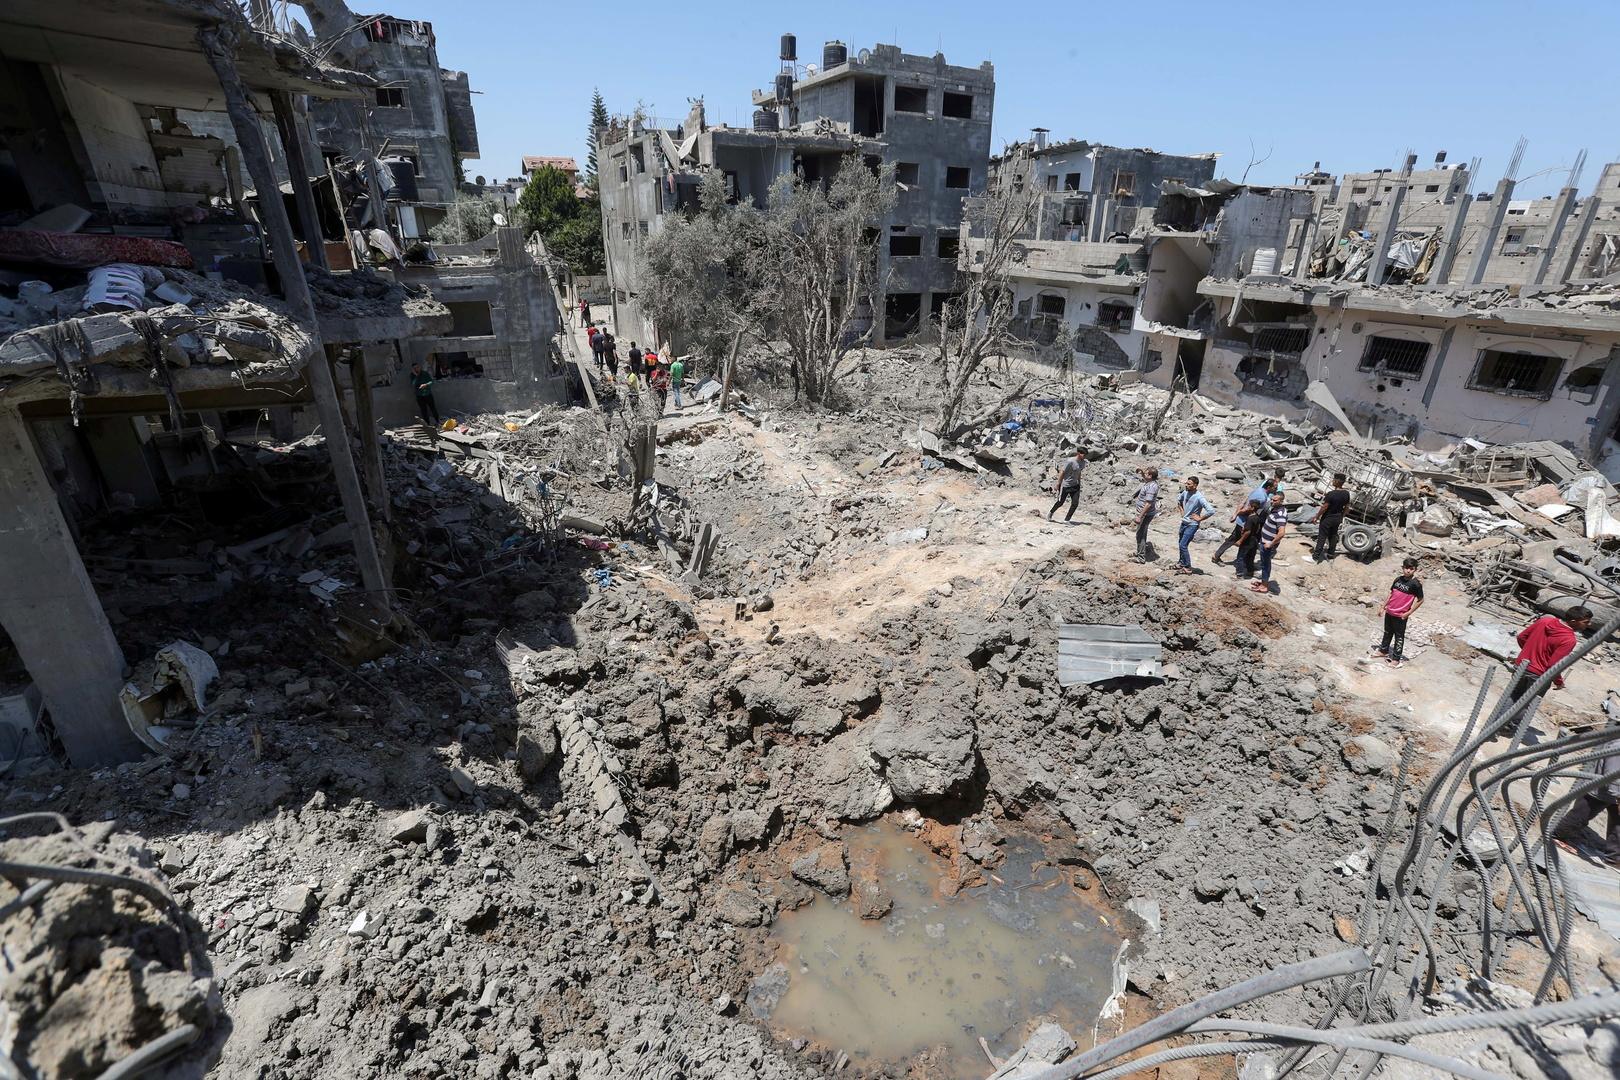 الرئاسة الفلسطينية: الجريمة التي قام بها الإسرائيليون وراح ضحيتها عائلة كاملة لا يمكن السكوت عليها